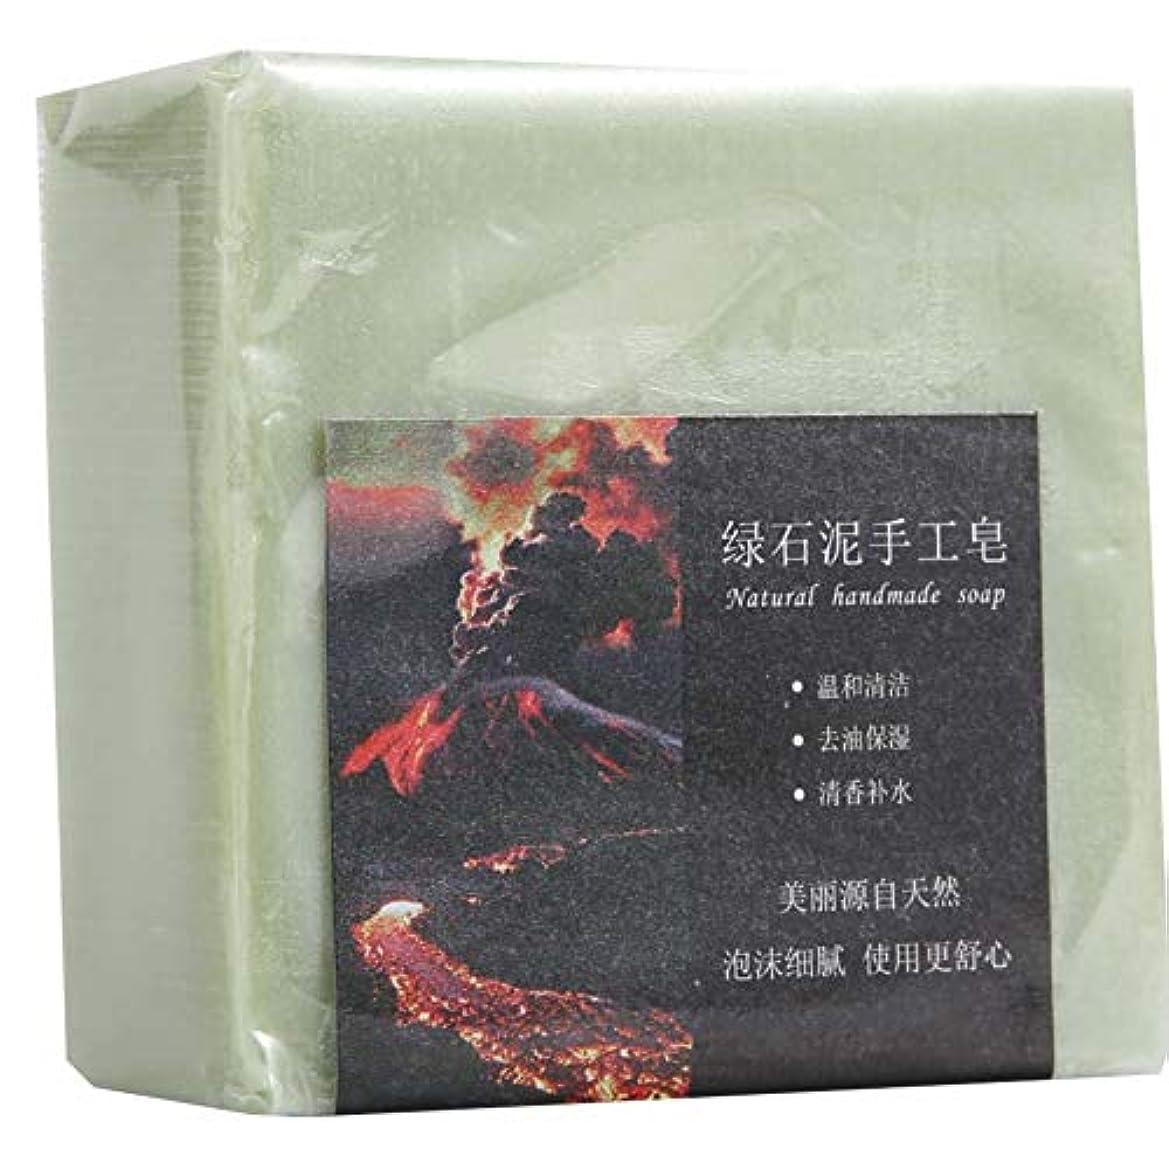 反発業界ラグハンドメイドグリーンクレイソープ 優しい フェイシャルクリーニング 保湿フェイシャルケア バスエッセンシャルオイルソープ